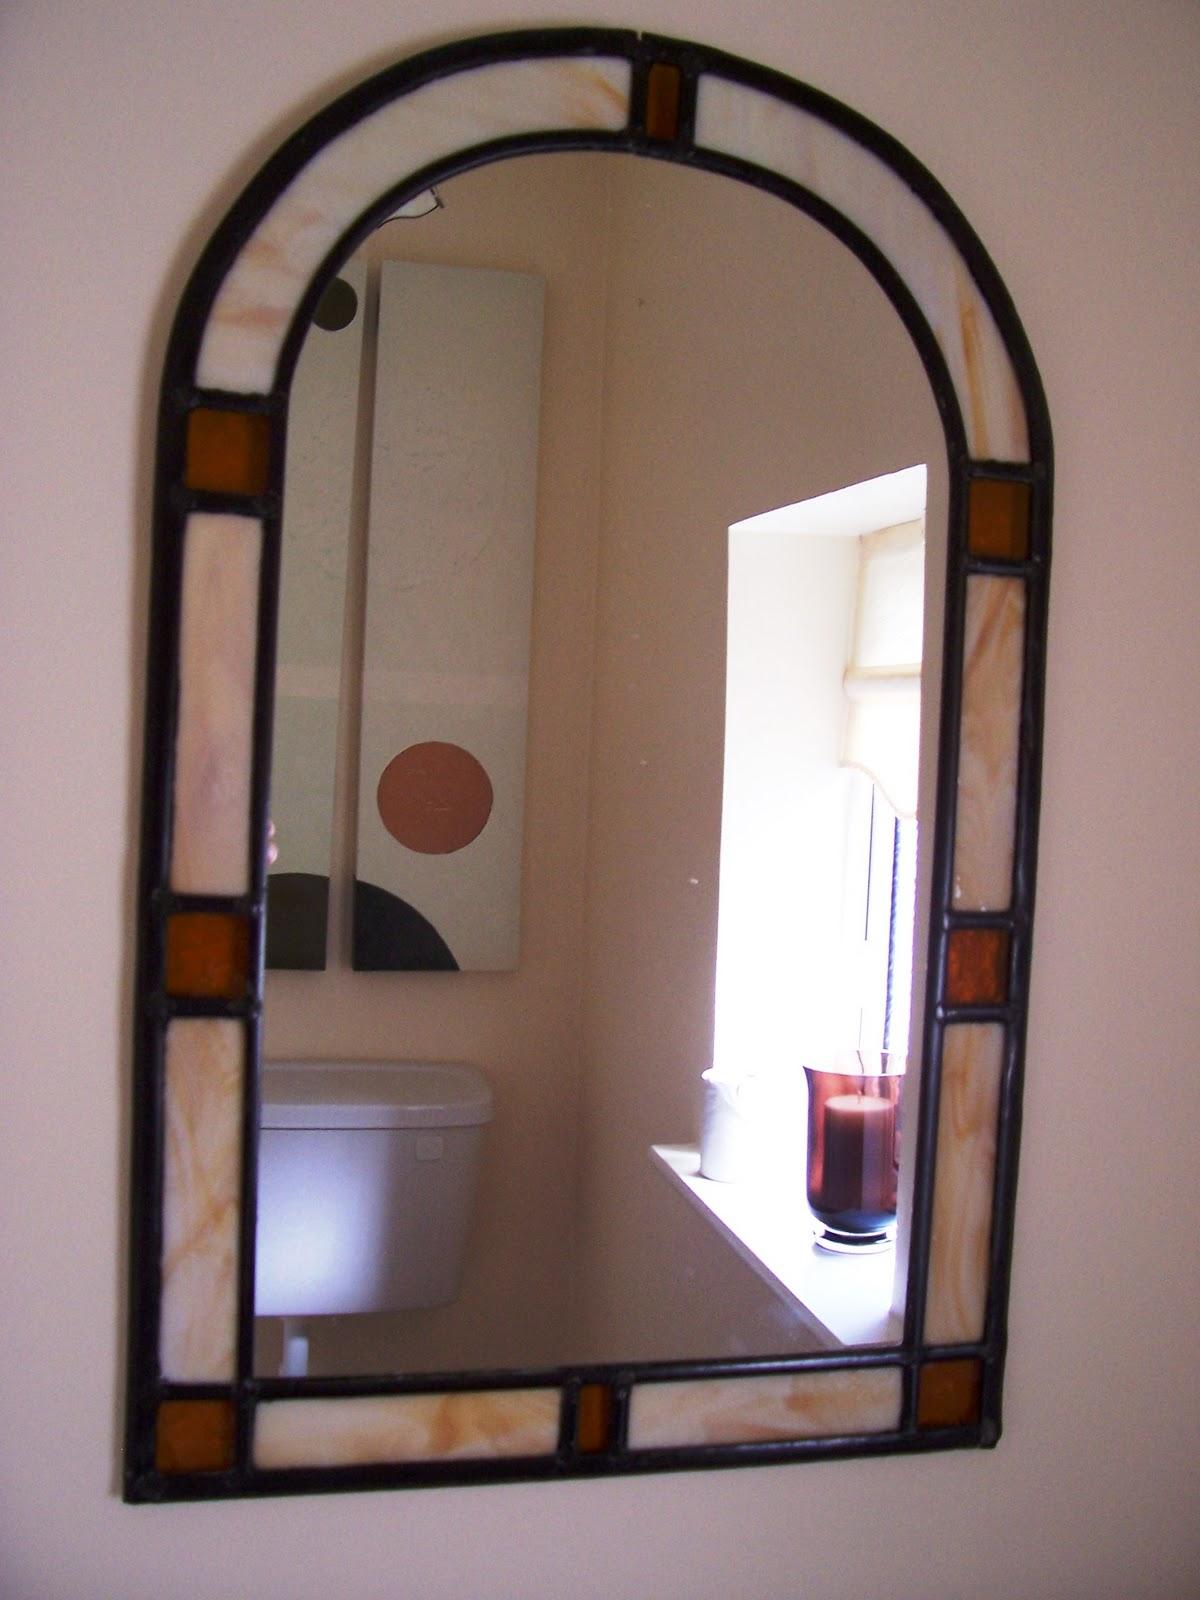 vitrales modelos de vitral para marcos de espejos